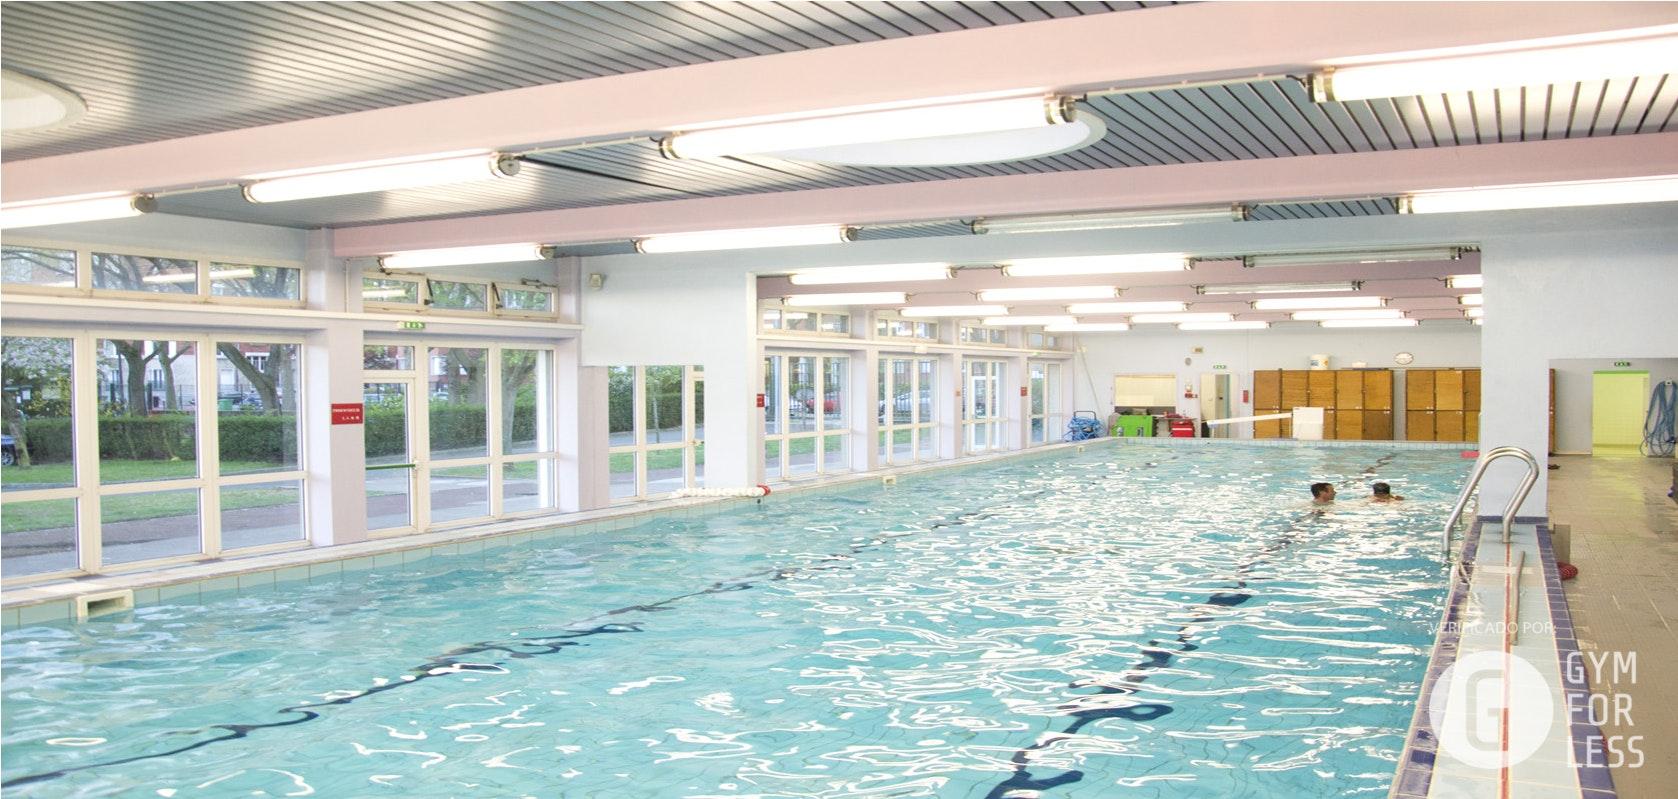 Bassin Louis Lumière Paris Sport Club